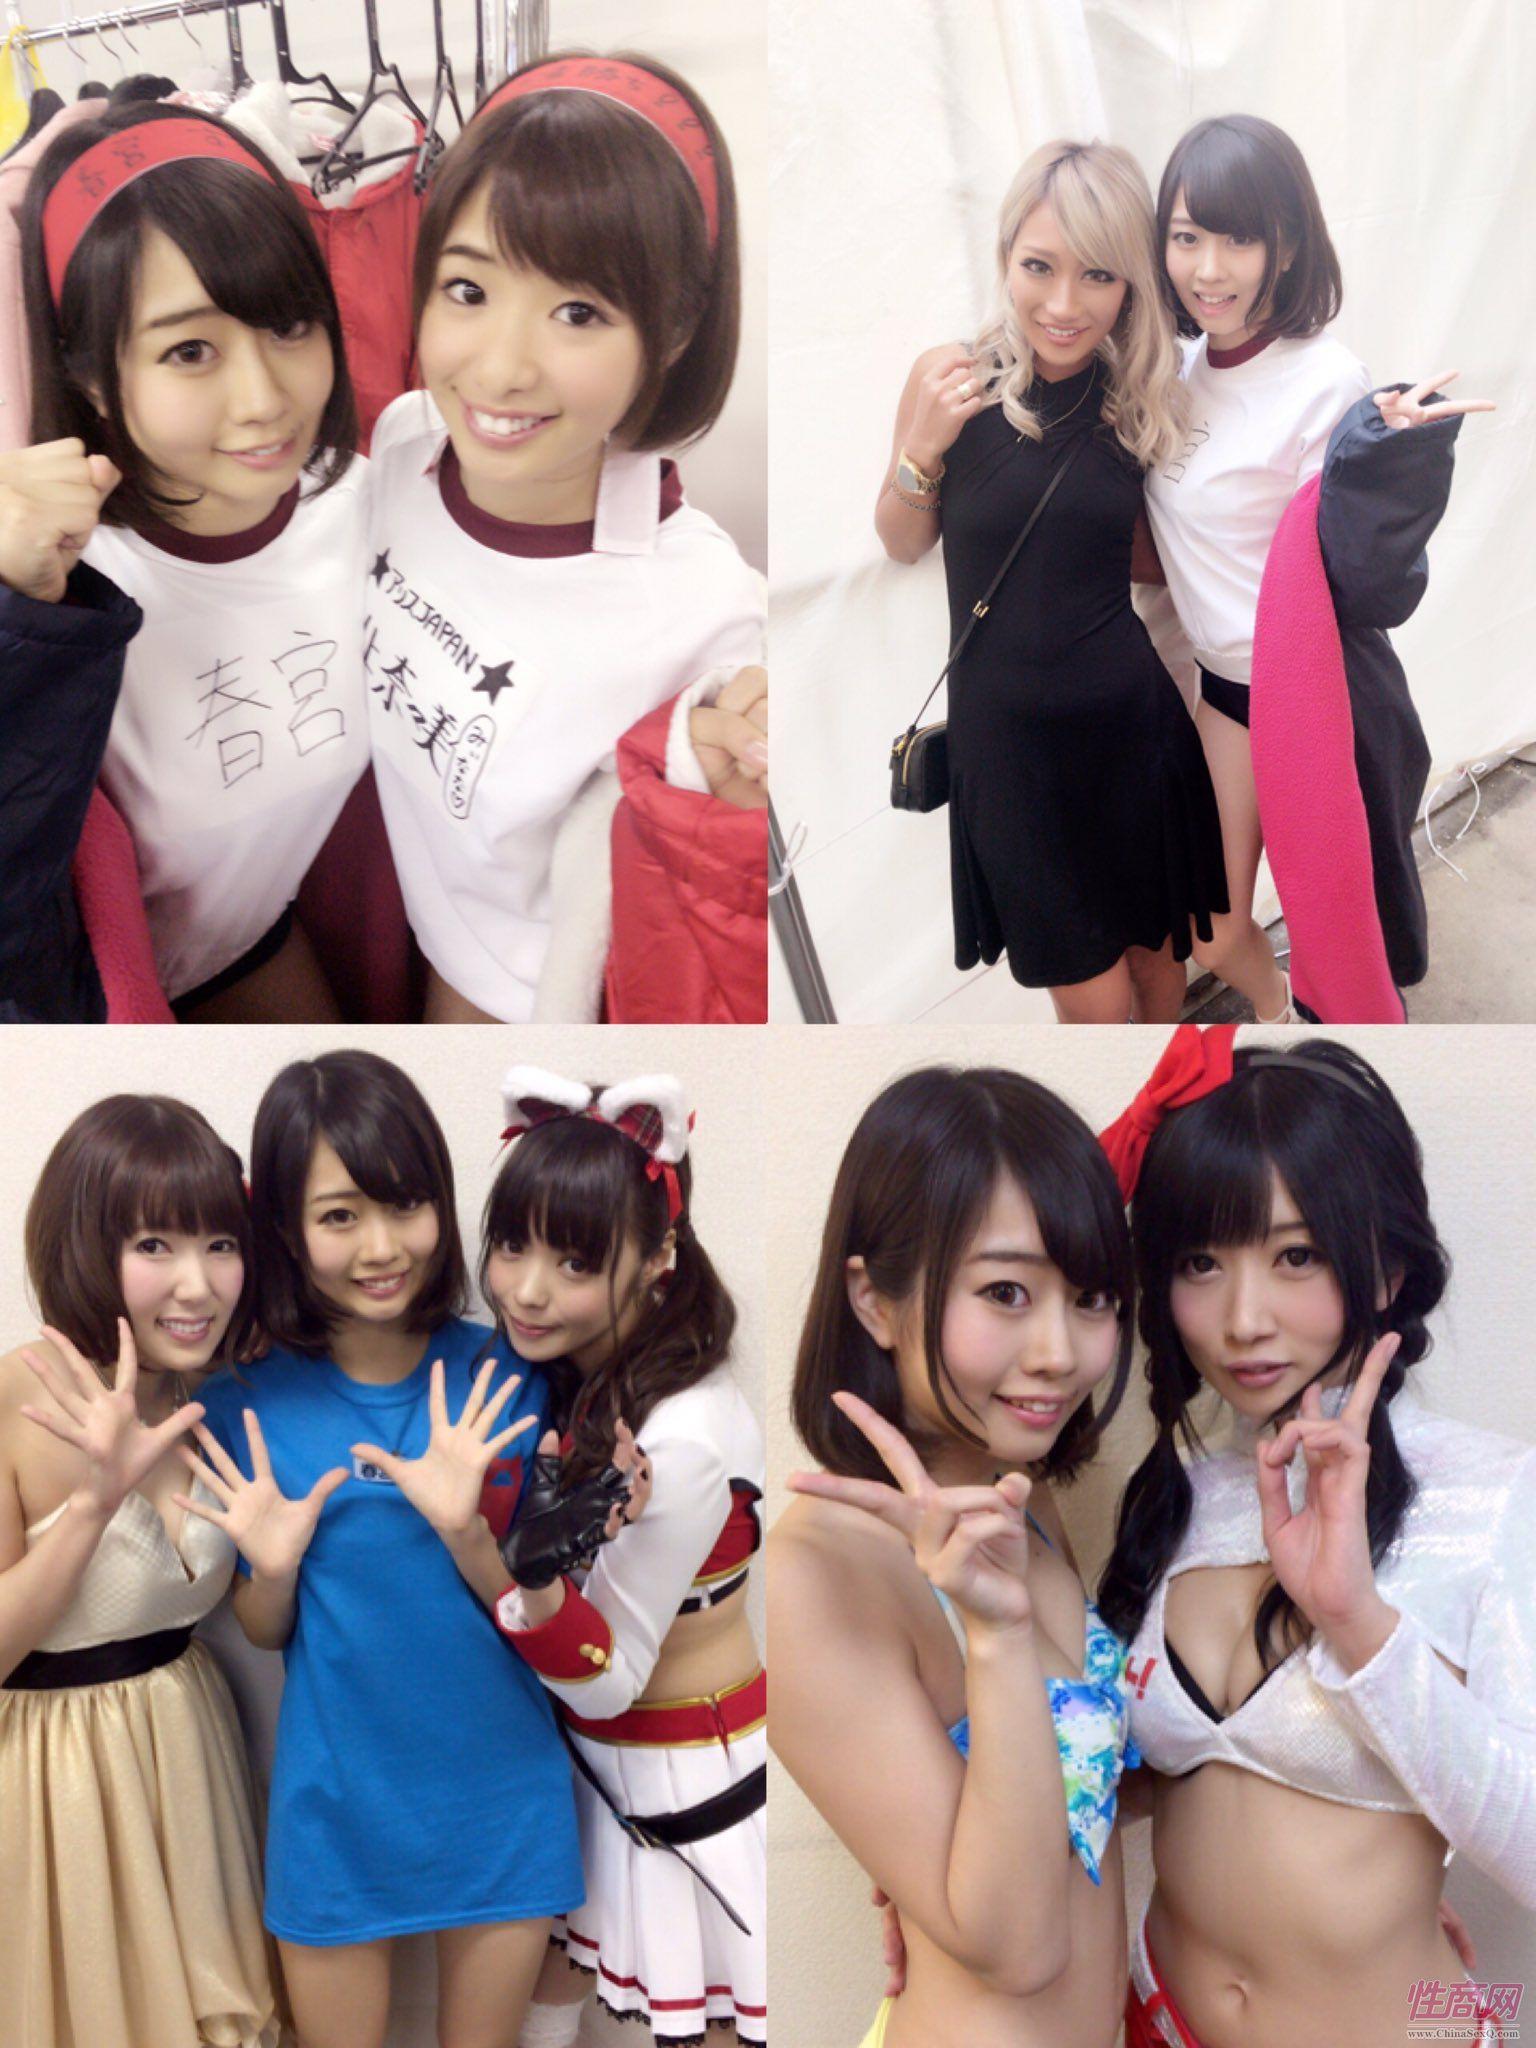 2016日本成人展JapanAdultExpo展会现场2图片31